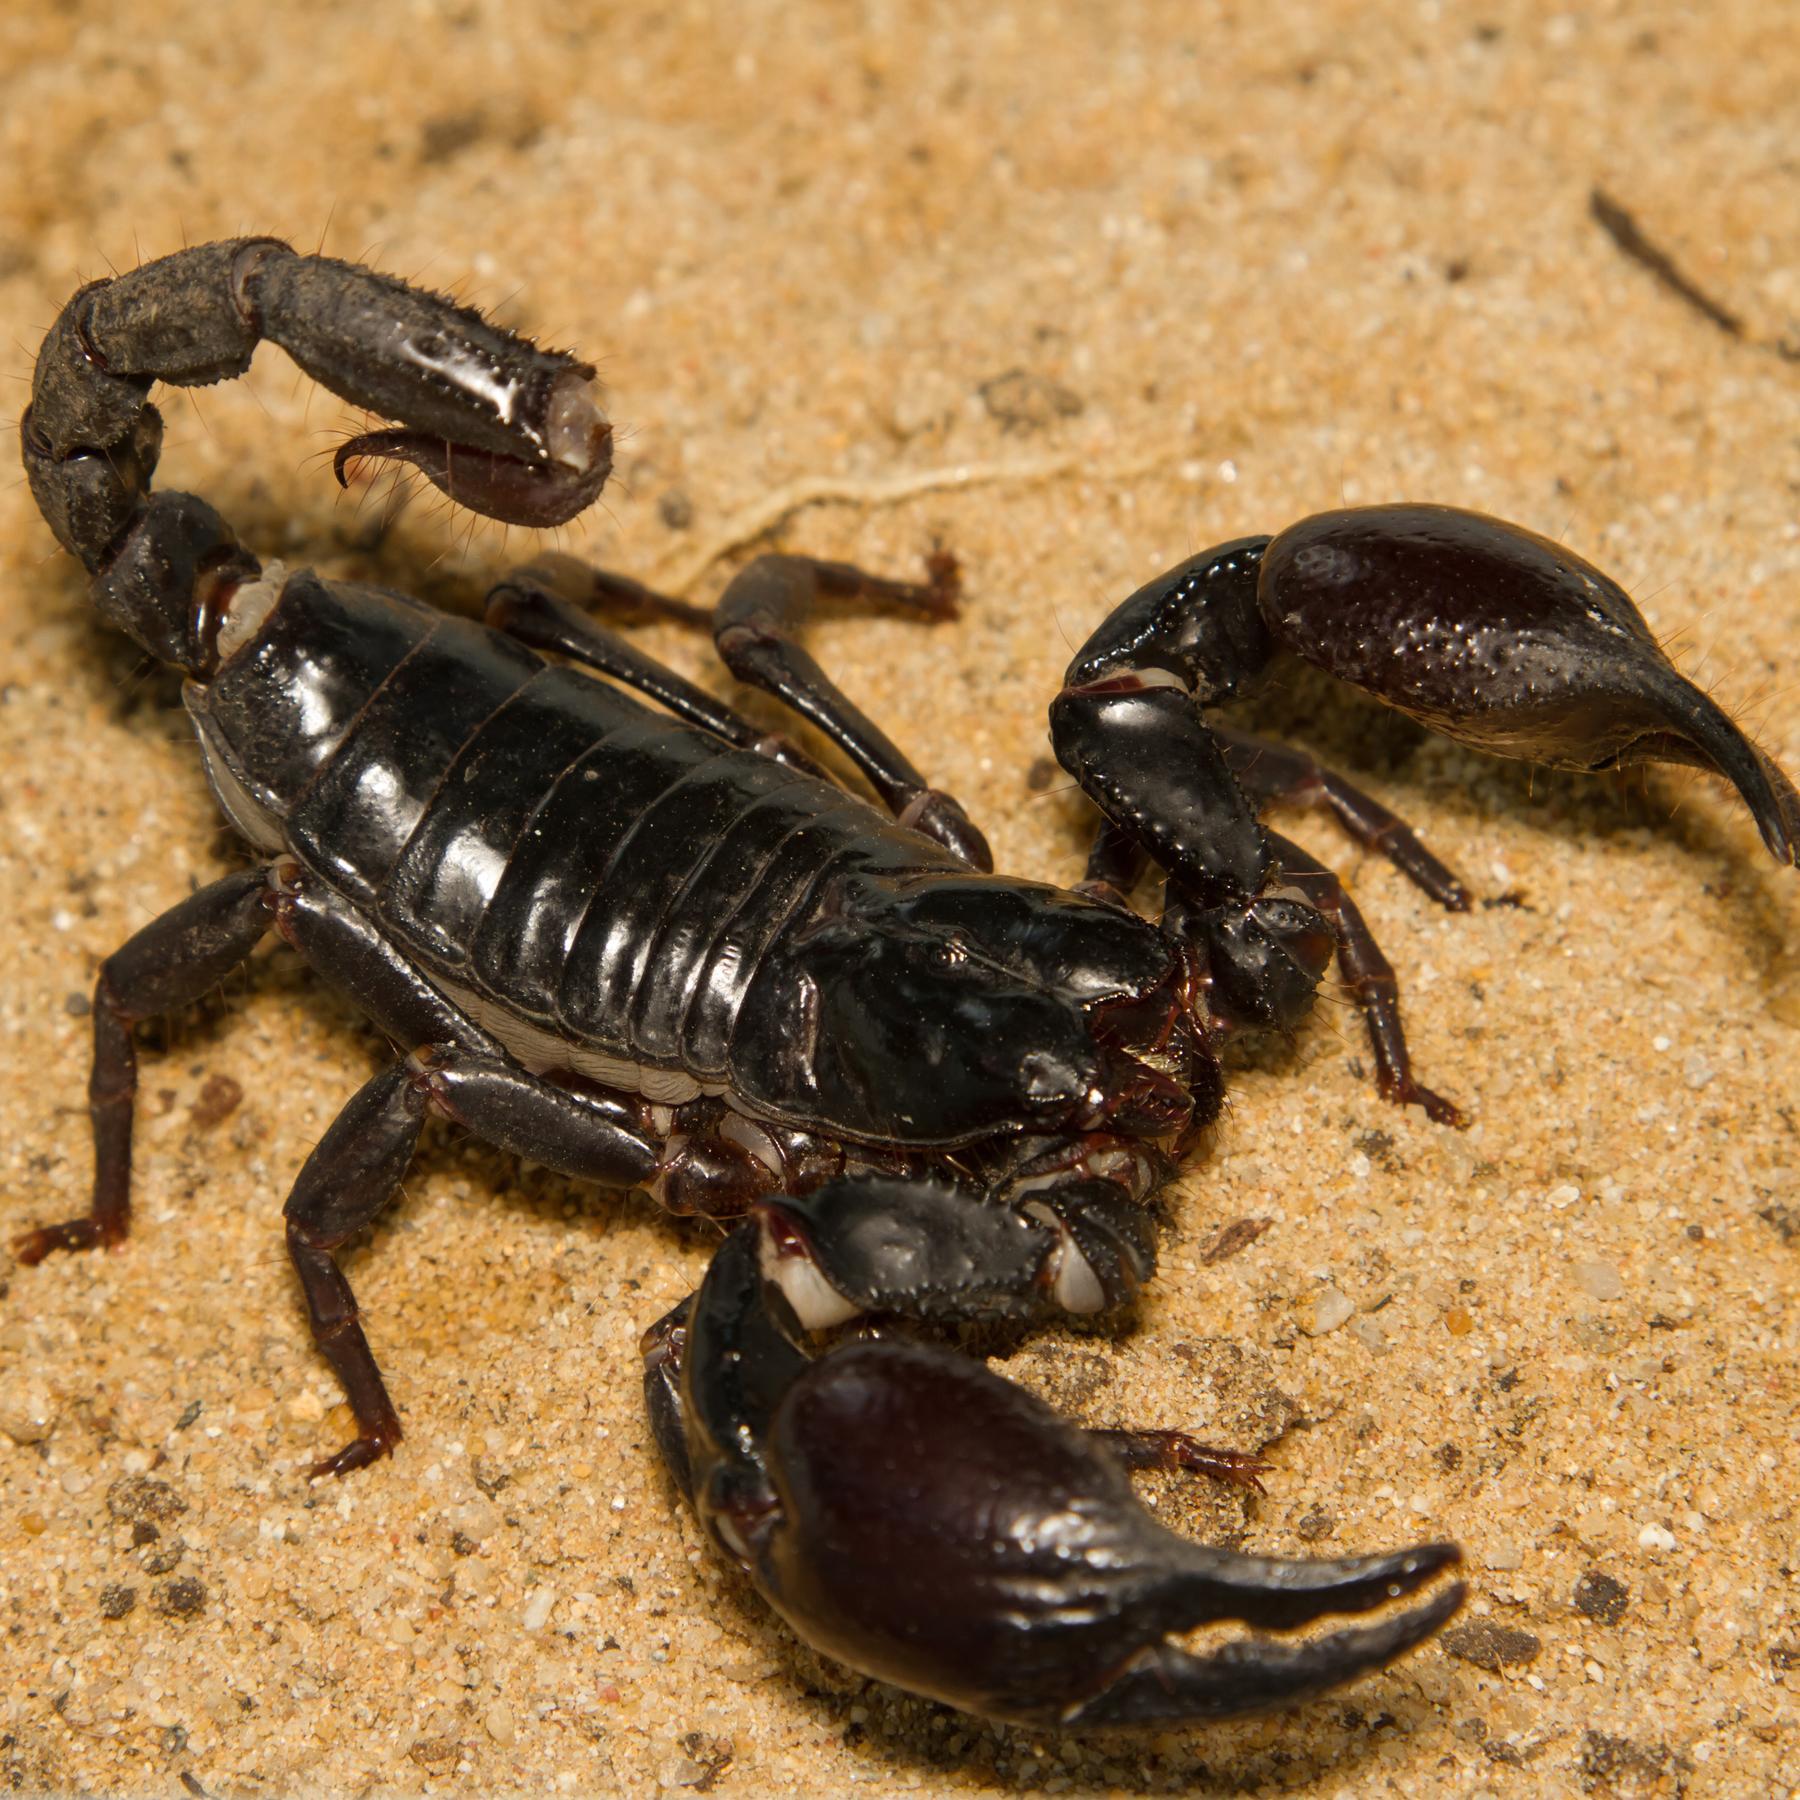 Der Skorpion - Spinnentier mit Symbolwert - radioWissen